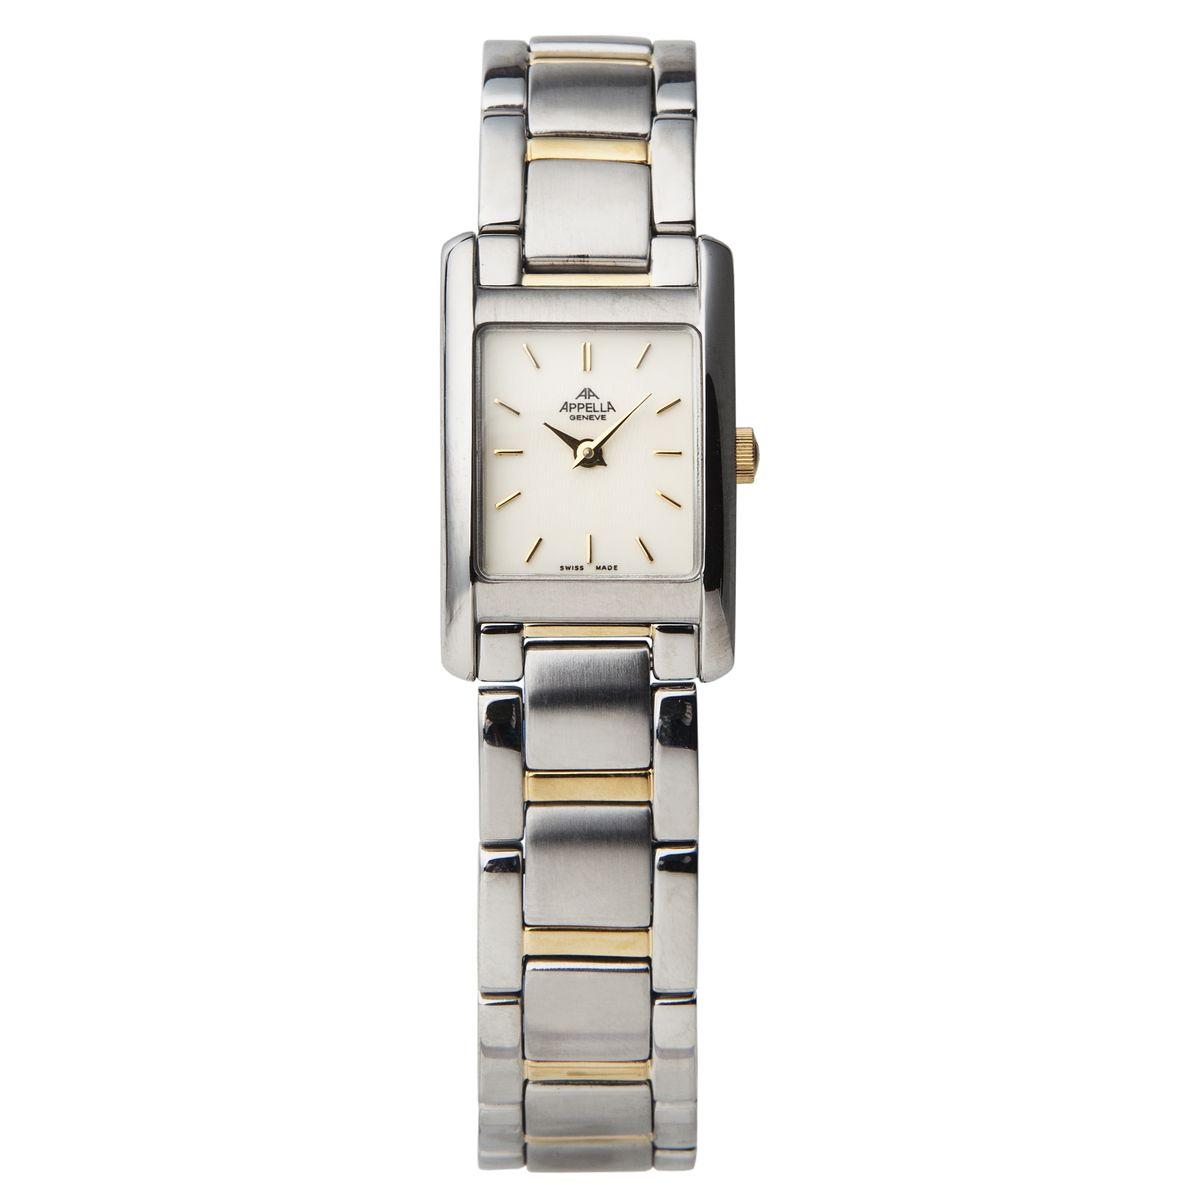 Часы наручные женские Apella, цвет: стальной, золотой. A-590-2002A-590-2002Элегантные женские часы Apella выполнены из нержавеющей стали и минерального стекла. Циферблат изделия оформлен символикой бренда. Корпус часов оснащен кварцевым механизмом с двумя стрелками, имеет степень влагозащиты равную 3 atm, а также дополнен минеральным стеклом. Браслет застегивается на практичный замок-бабочку. Изделие поставляется в фирменной упаковке. Часы Apella подчеркнут изящность женской руки и отменное чувство стиля у их обладательницы.